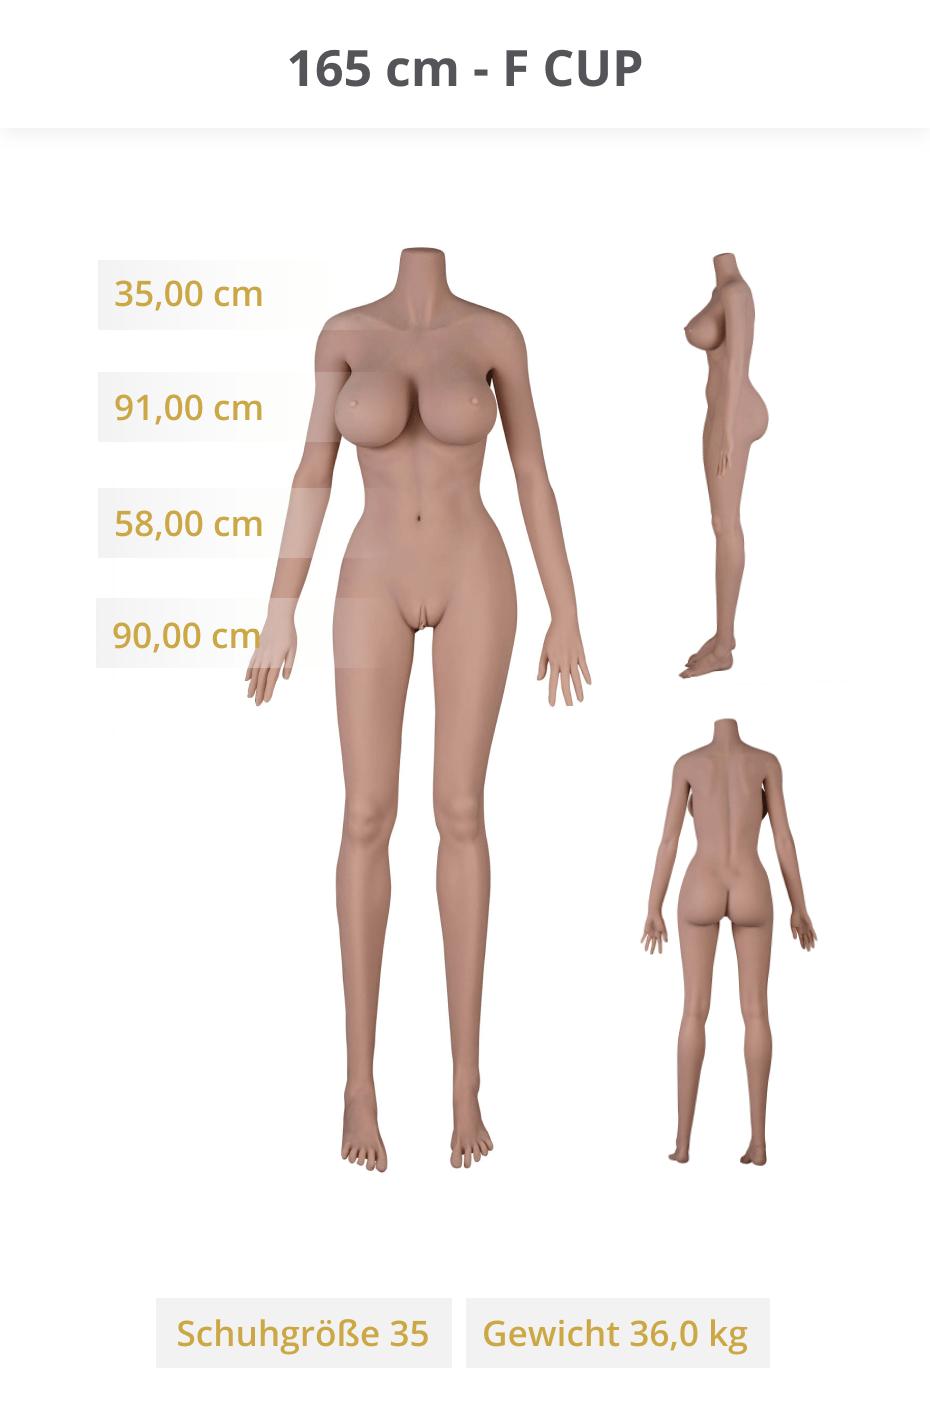 6ye-Dolls-165-cm-F-CUP